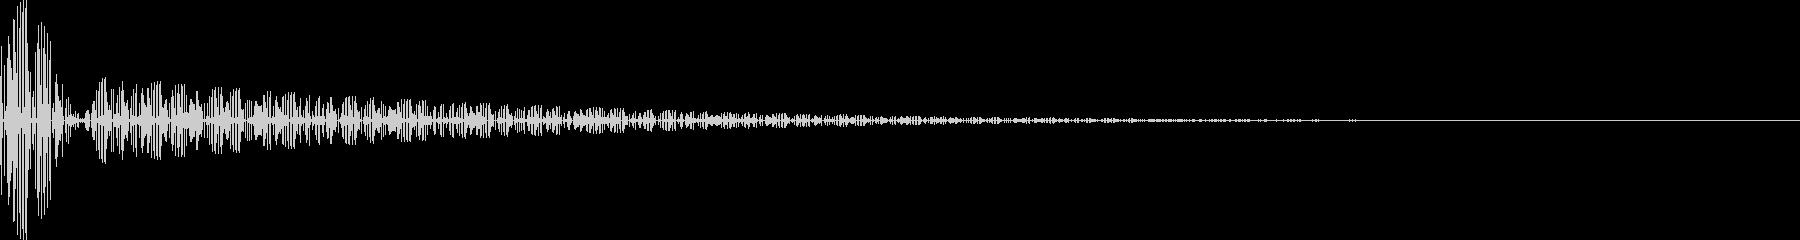 音楽制作に!ドラムマシン風のハイハット音の未再生の波形